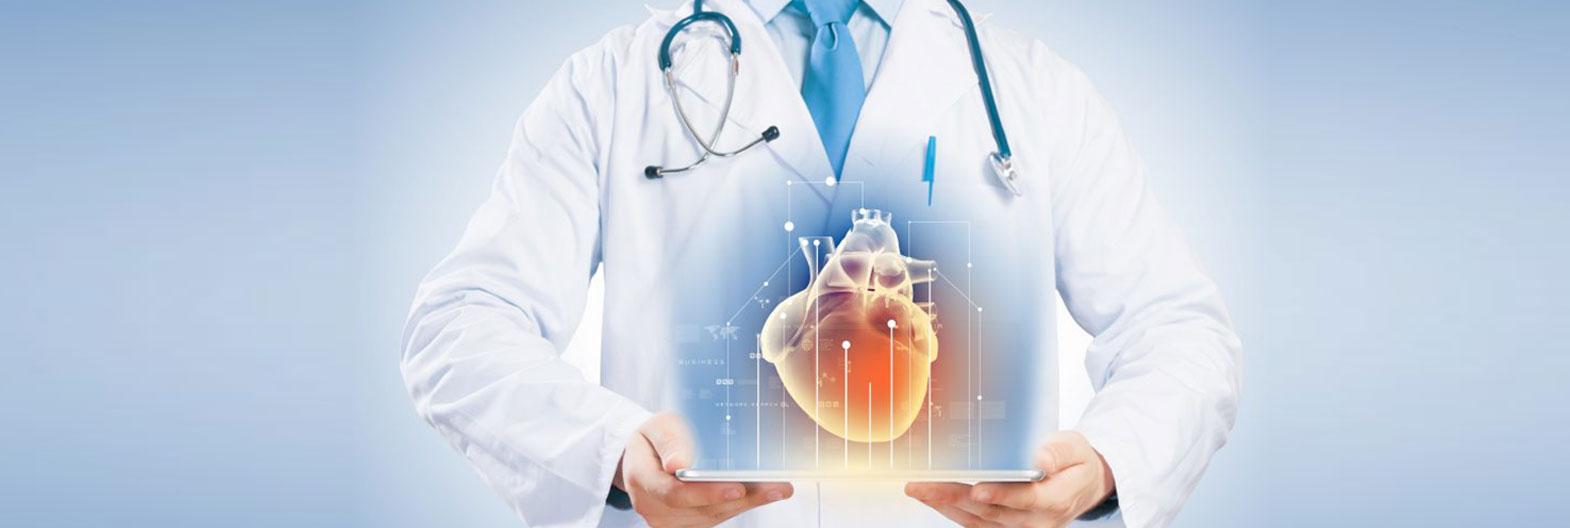 kordiaminas nuo hipertenzijos žuvis naudinga esant hipertenzijai